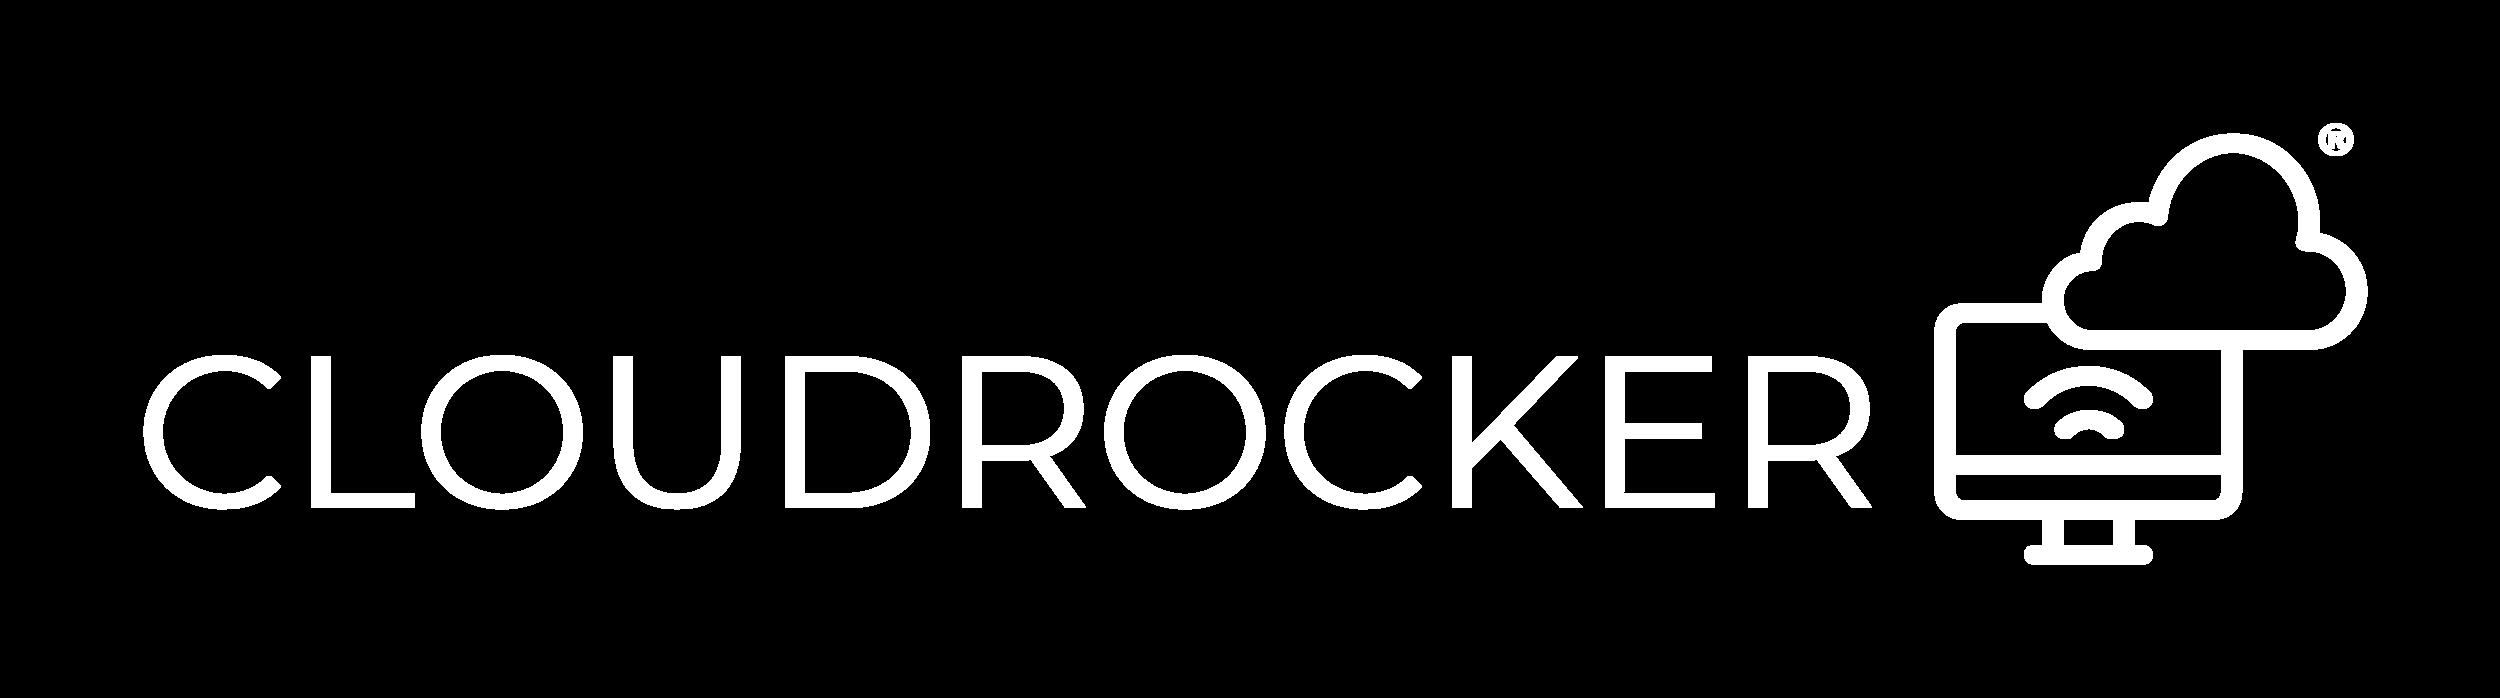 Cloudrocker Bonn